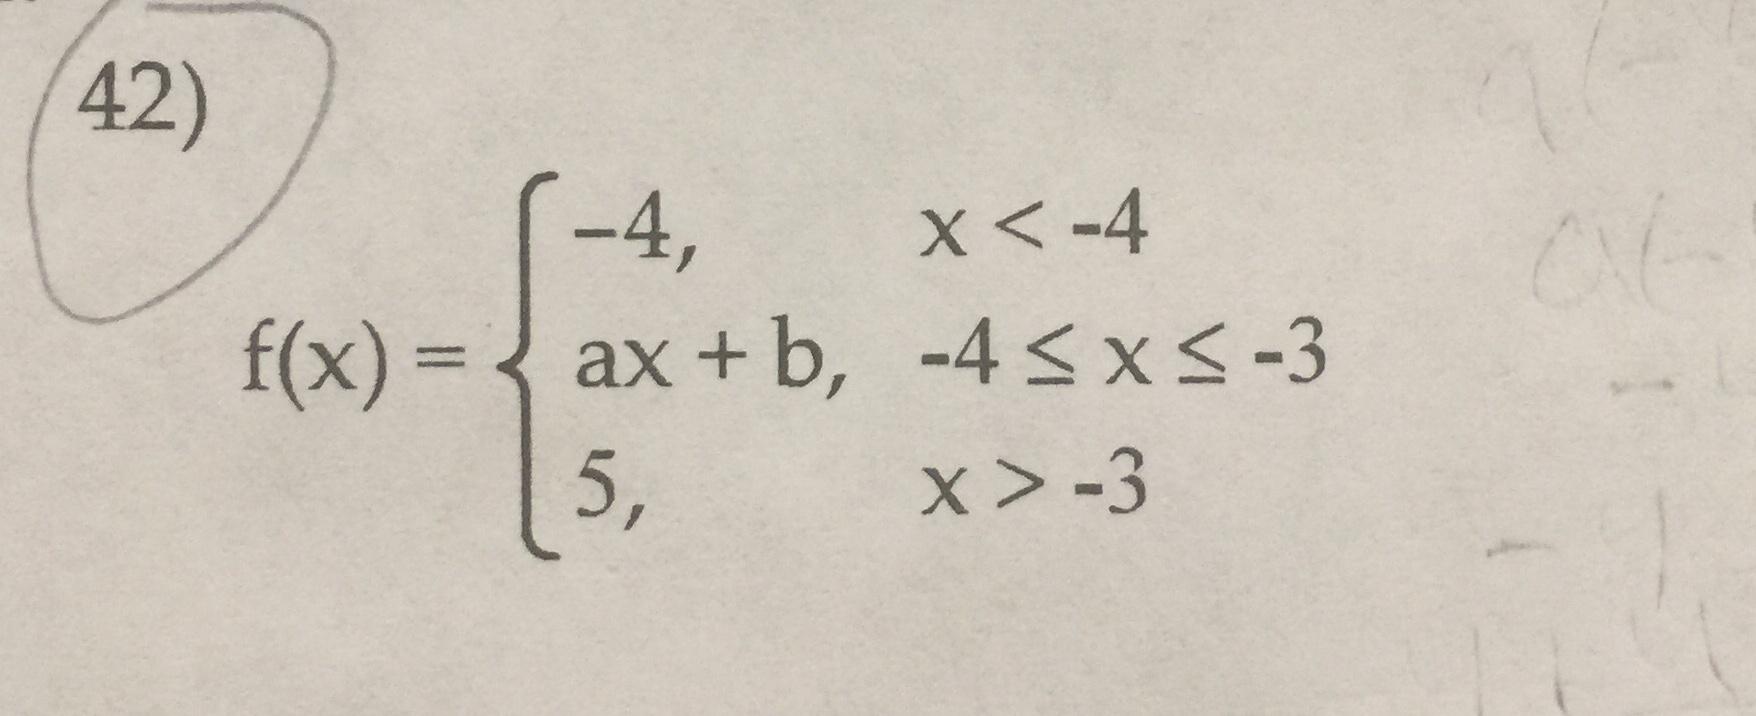 42) (-4, X-4 ax + b, -4s x< -3 f(x)= 5, x > -3